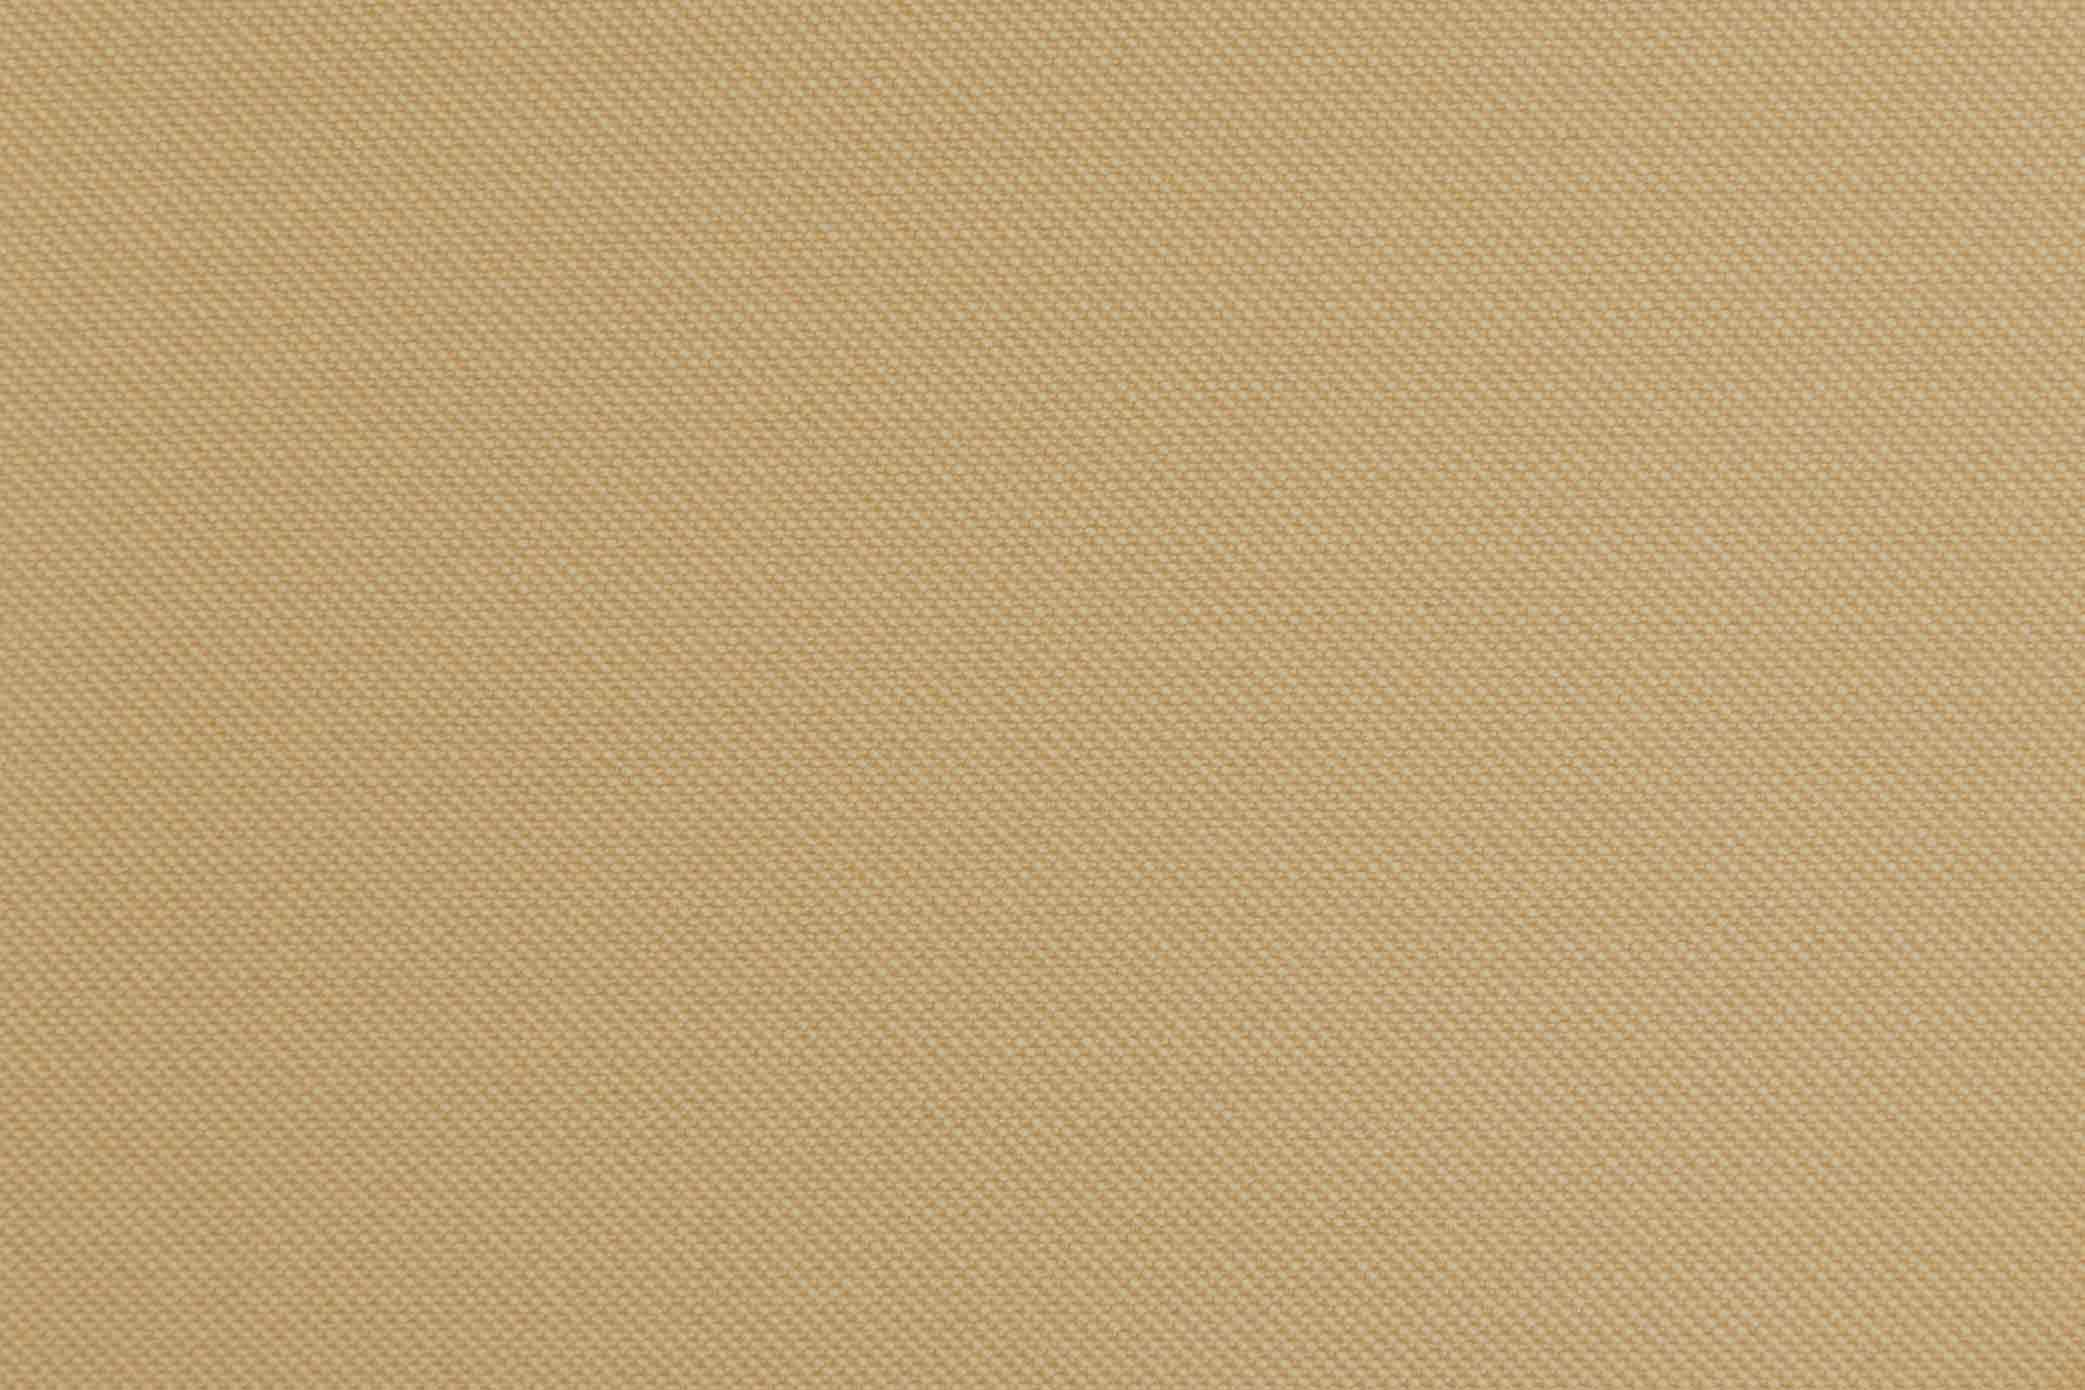 Stoff Sonnenland 117 hellbeige (Rückseite beige) (+20 €)